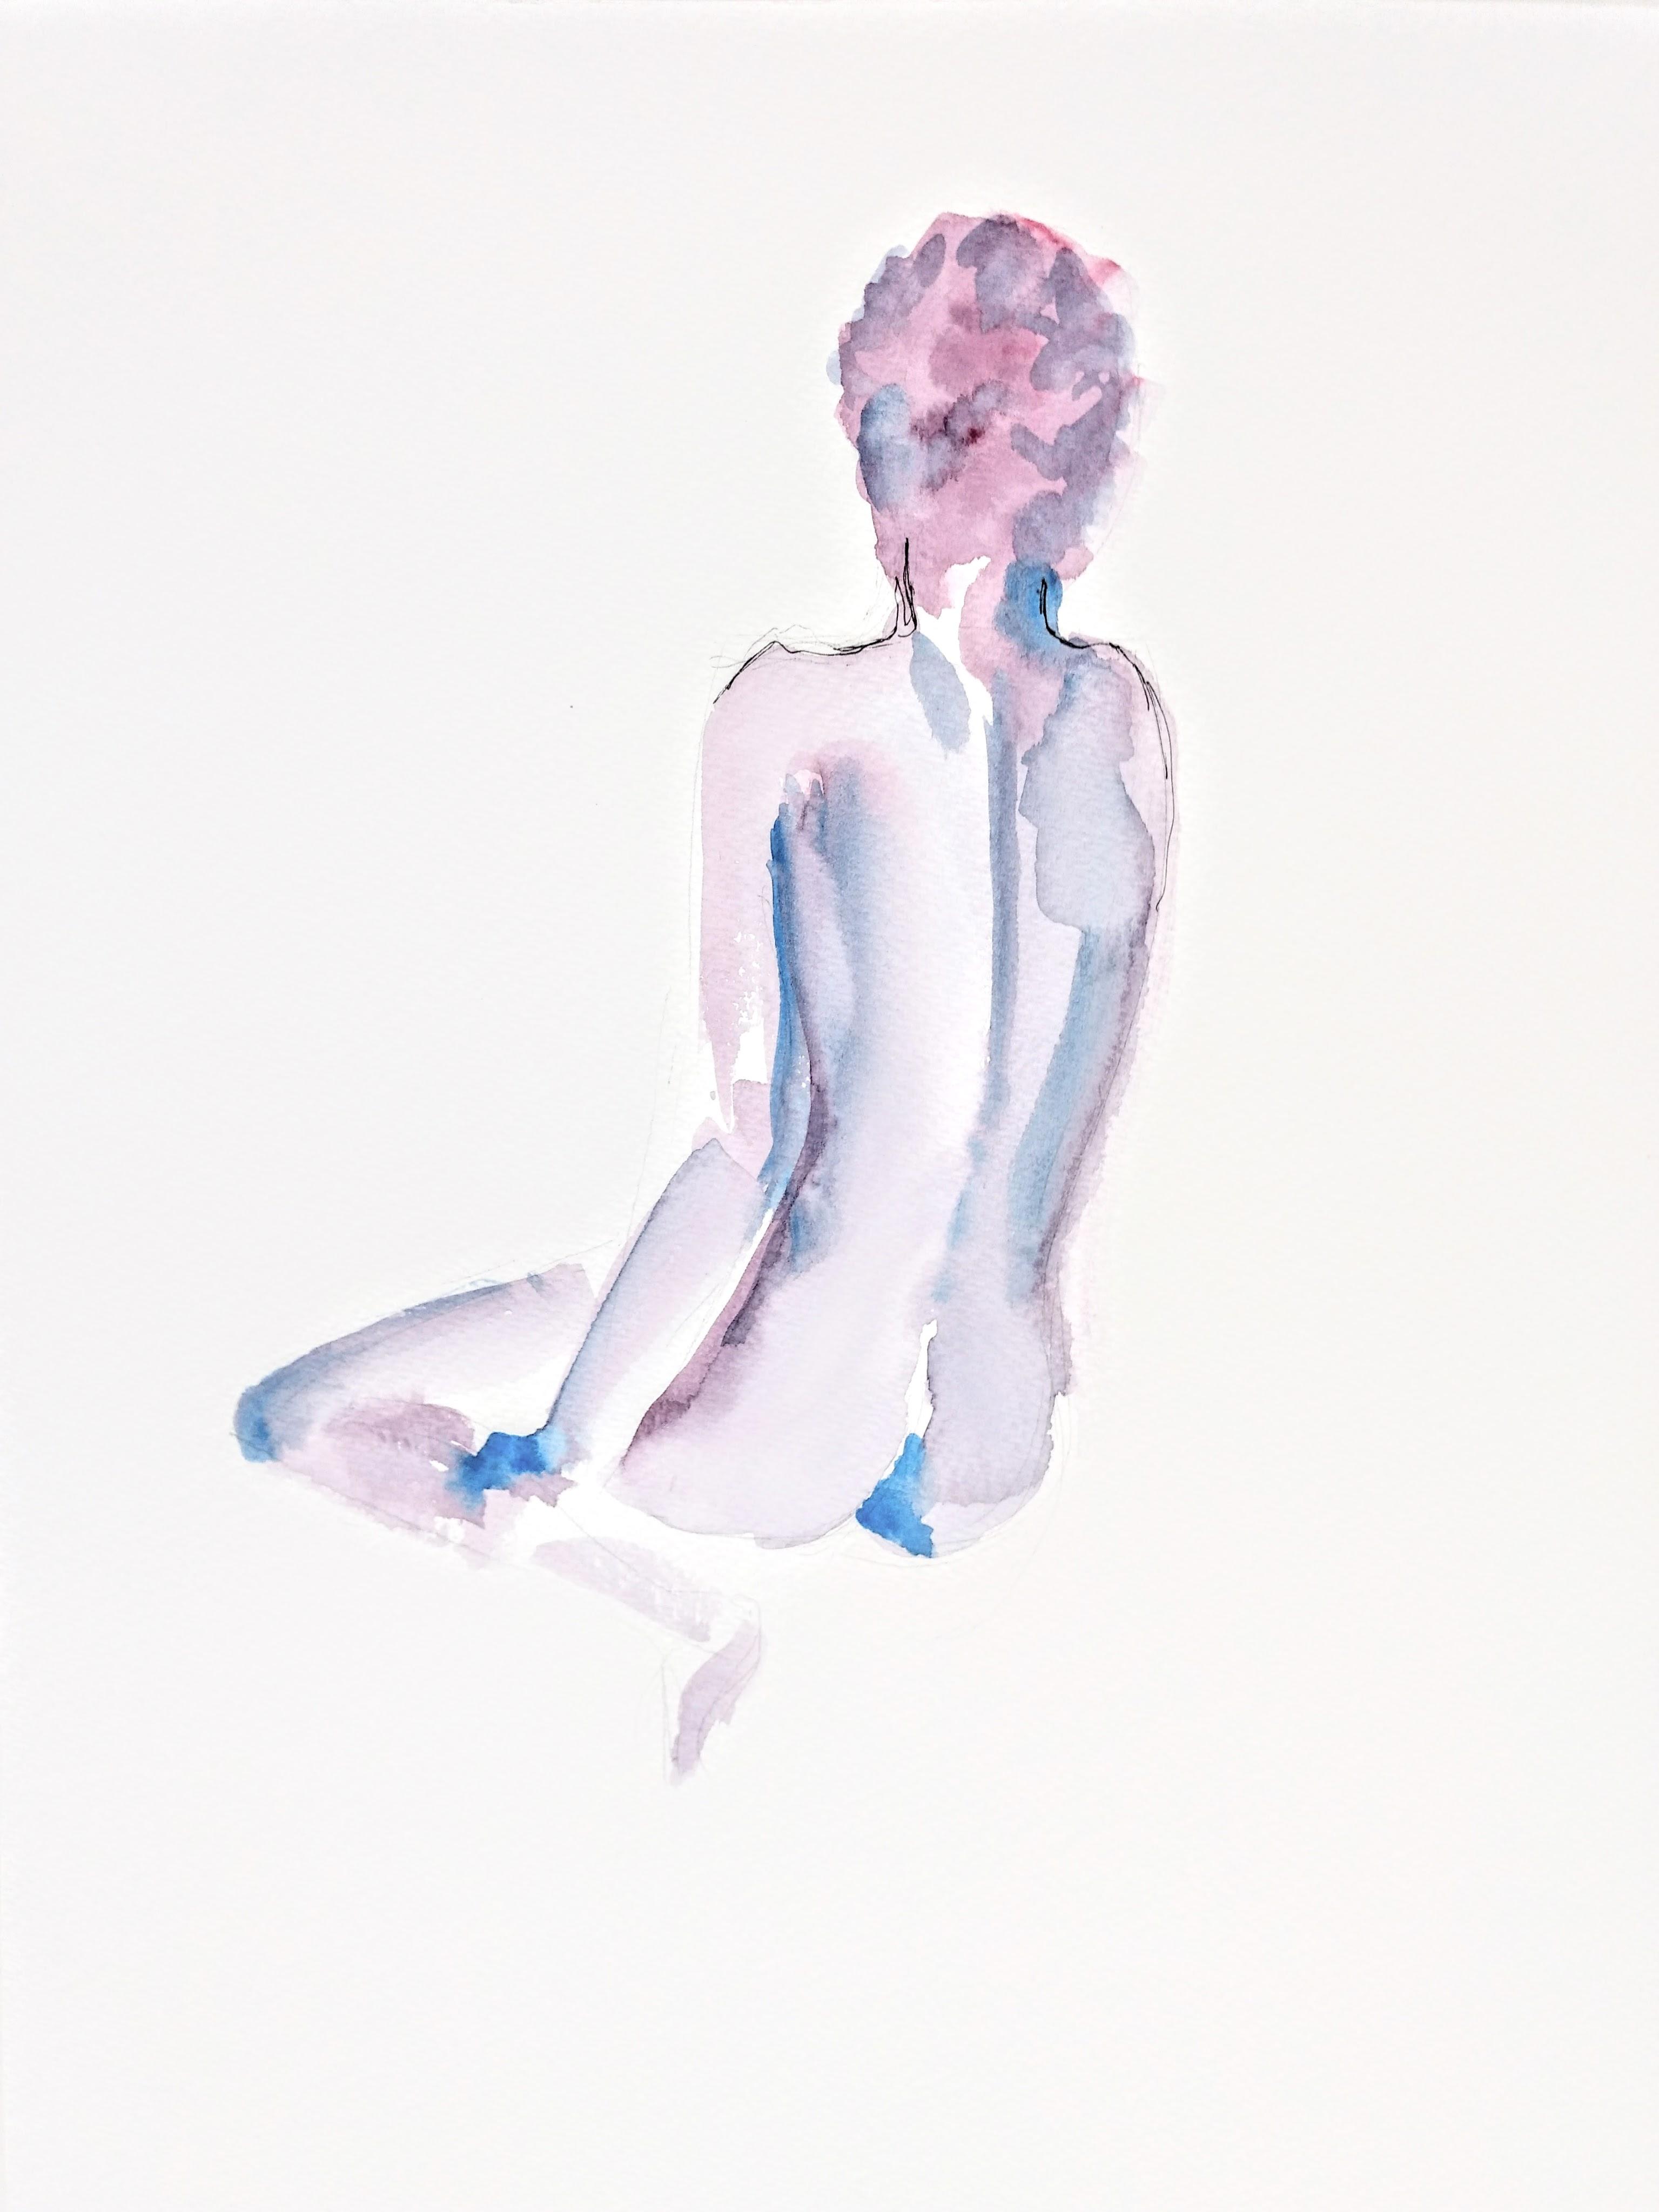 Desenho de modelo feminino nu, em aquarela e naquin, realizado durante Prática de modelo vivo com Rafa Coutinho e Laerte no espaço Breu em 2017.